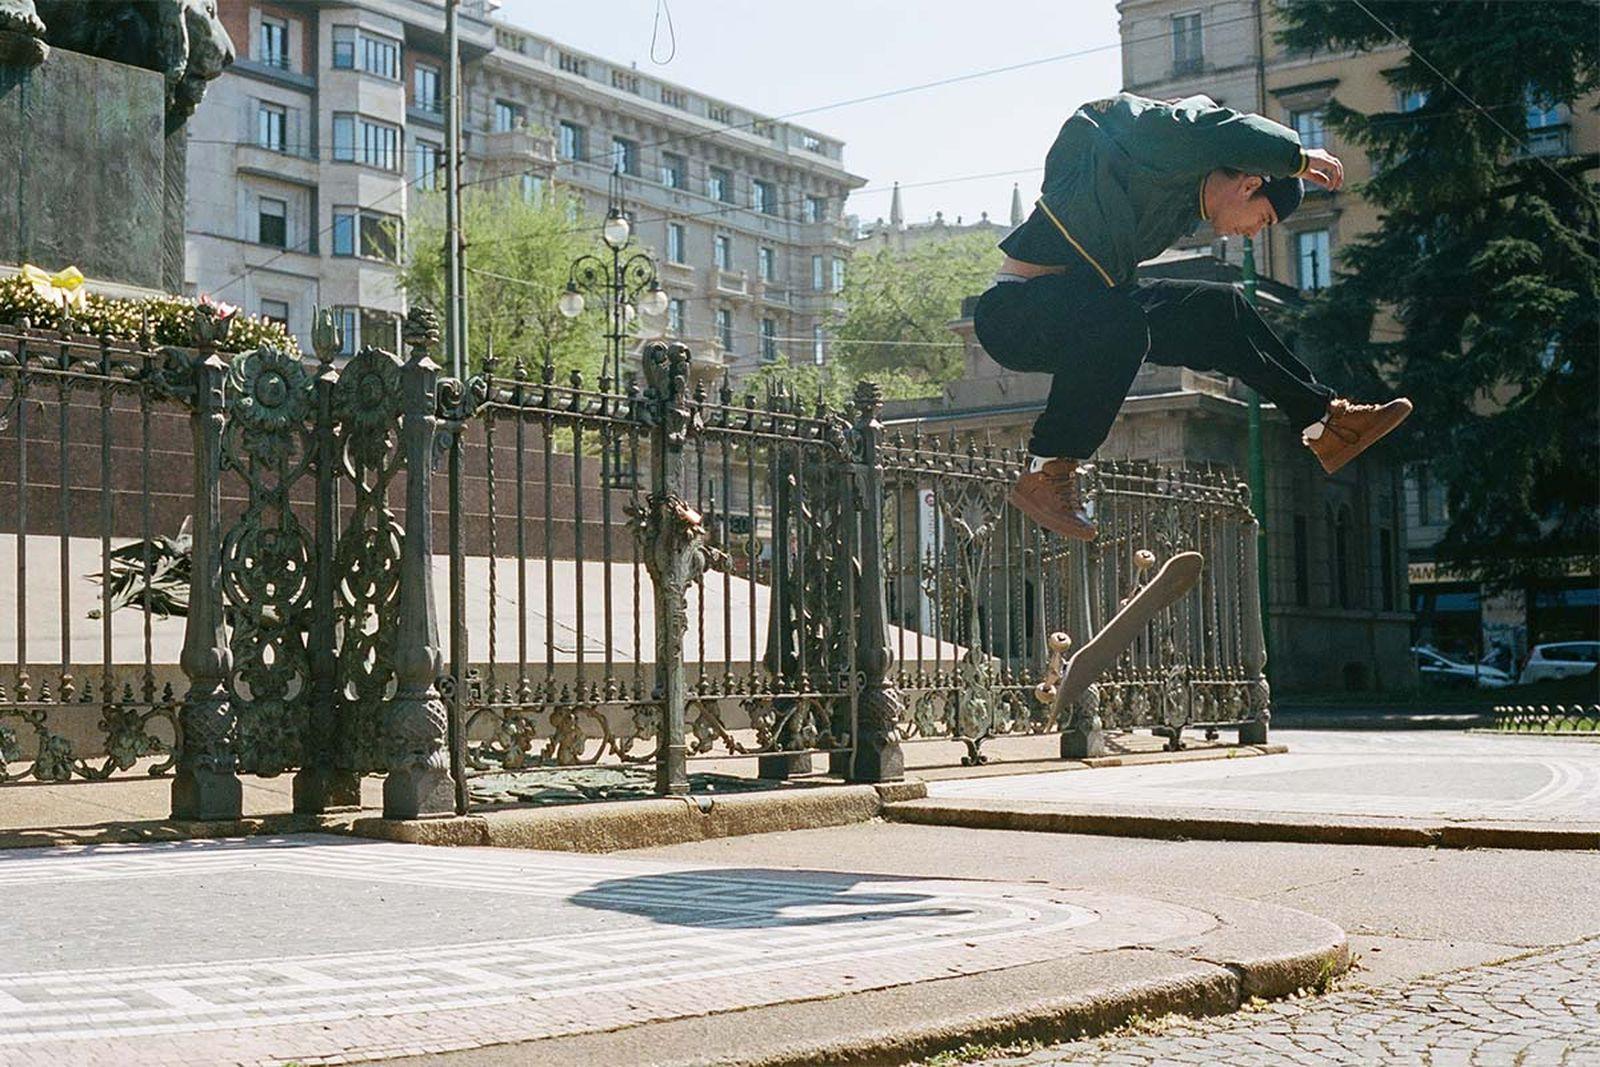 dc-shoes-jon-buscemi-09